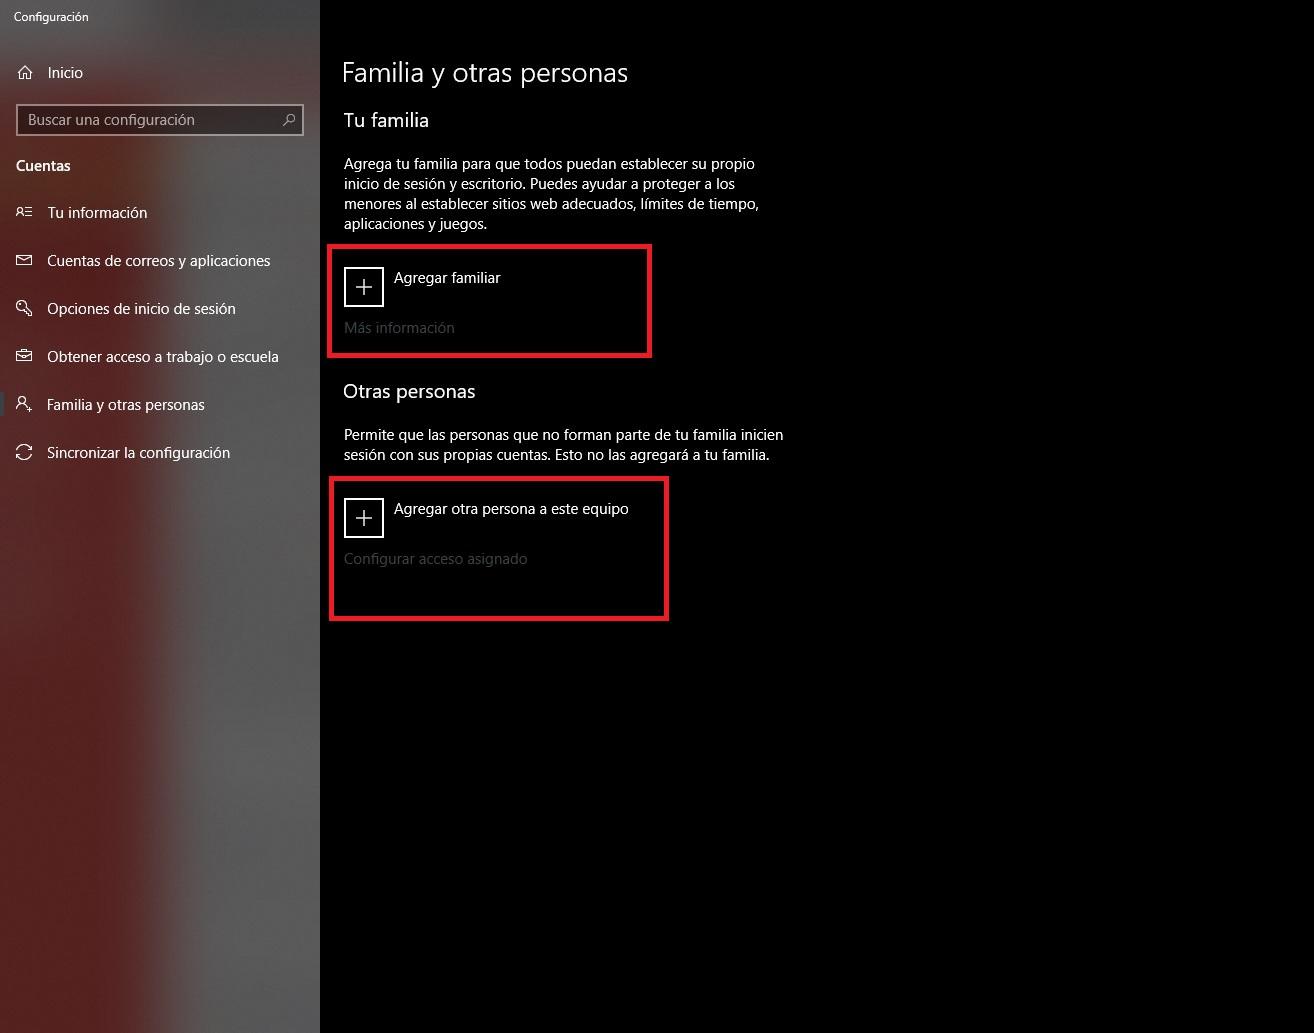 Cómo eliminar cuentas de usuario en Windows 10 de forma rápida y segura 32